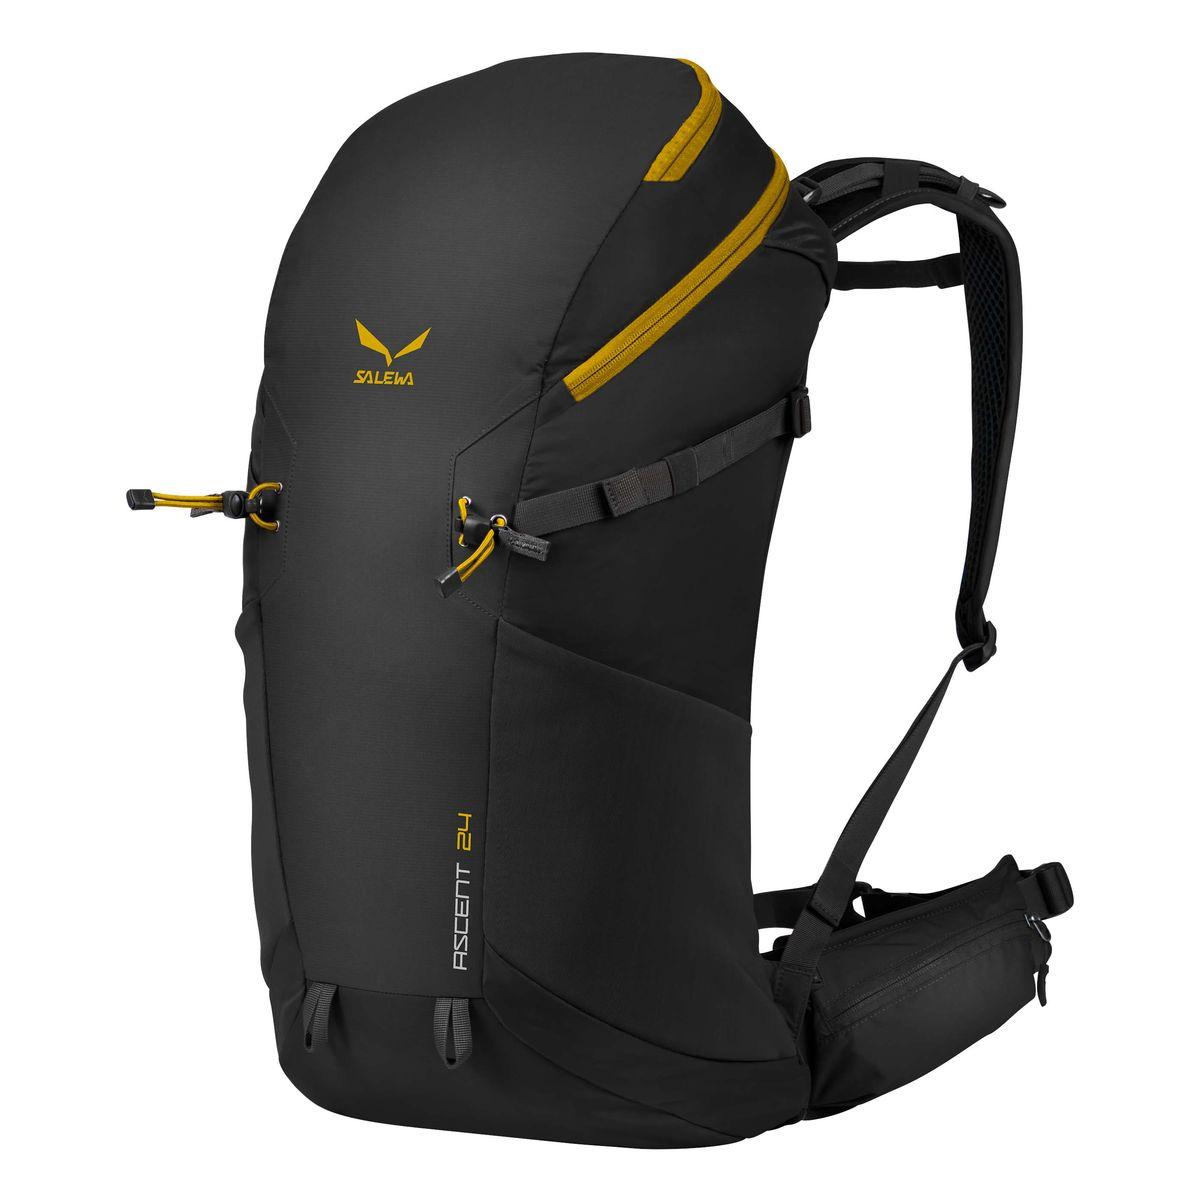 Рюкзак туристический Salewa Ascent 24, цвет: черный, 24 л1120_0900Новая современная модель рюкзака Salewa Ascent 24, которая прекрасно подойдет как для однодневных так и для более длительных путешествий.Особенности:- петли для крепления ледоруба / лыжных палок- внутреннее отделение для хранения ценных вещей- боковые карманы- карман в набедренном поясе- петли для навески дополнительного снаряжения на набедренном поясе- подвесная система motionfit